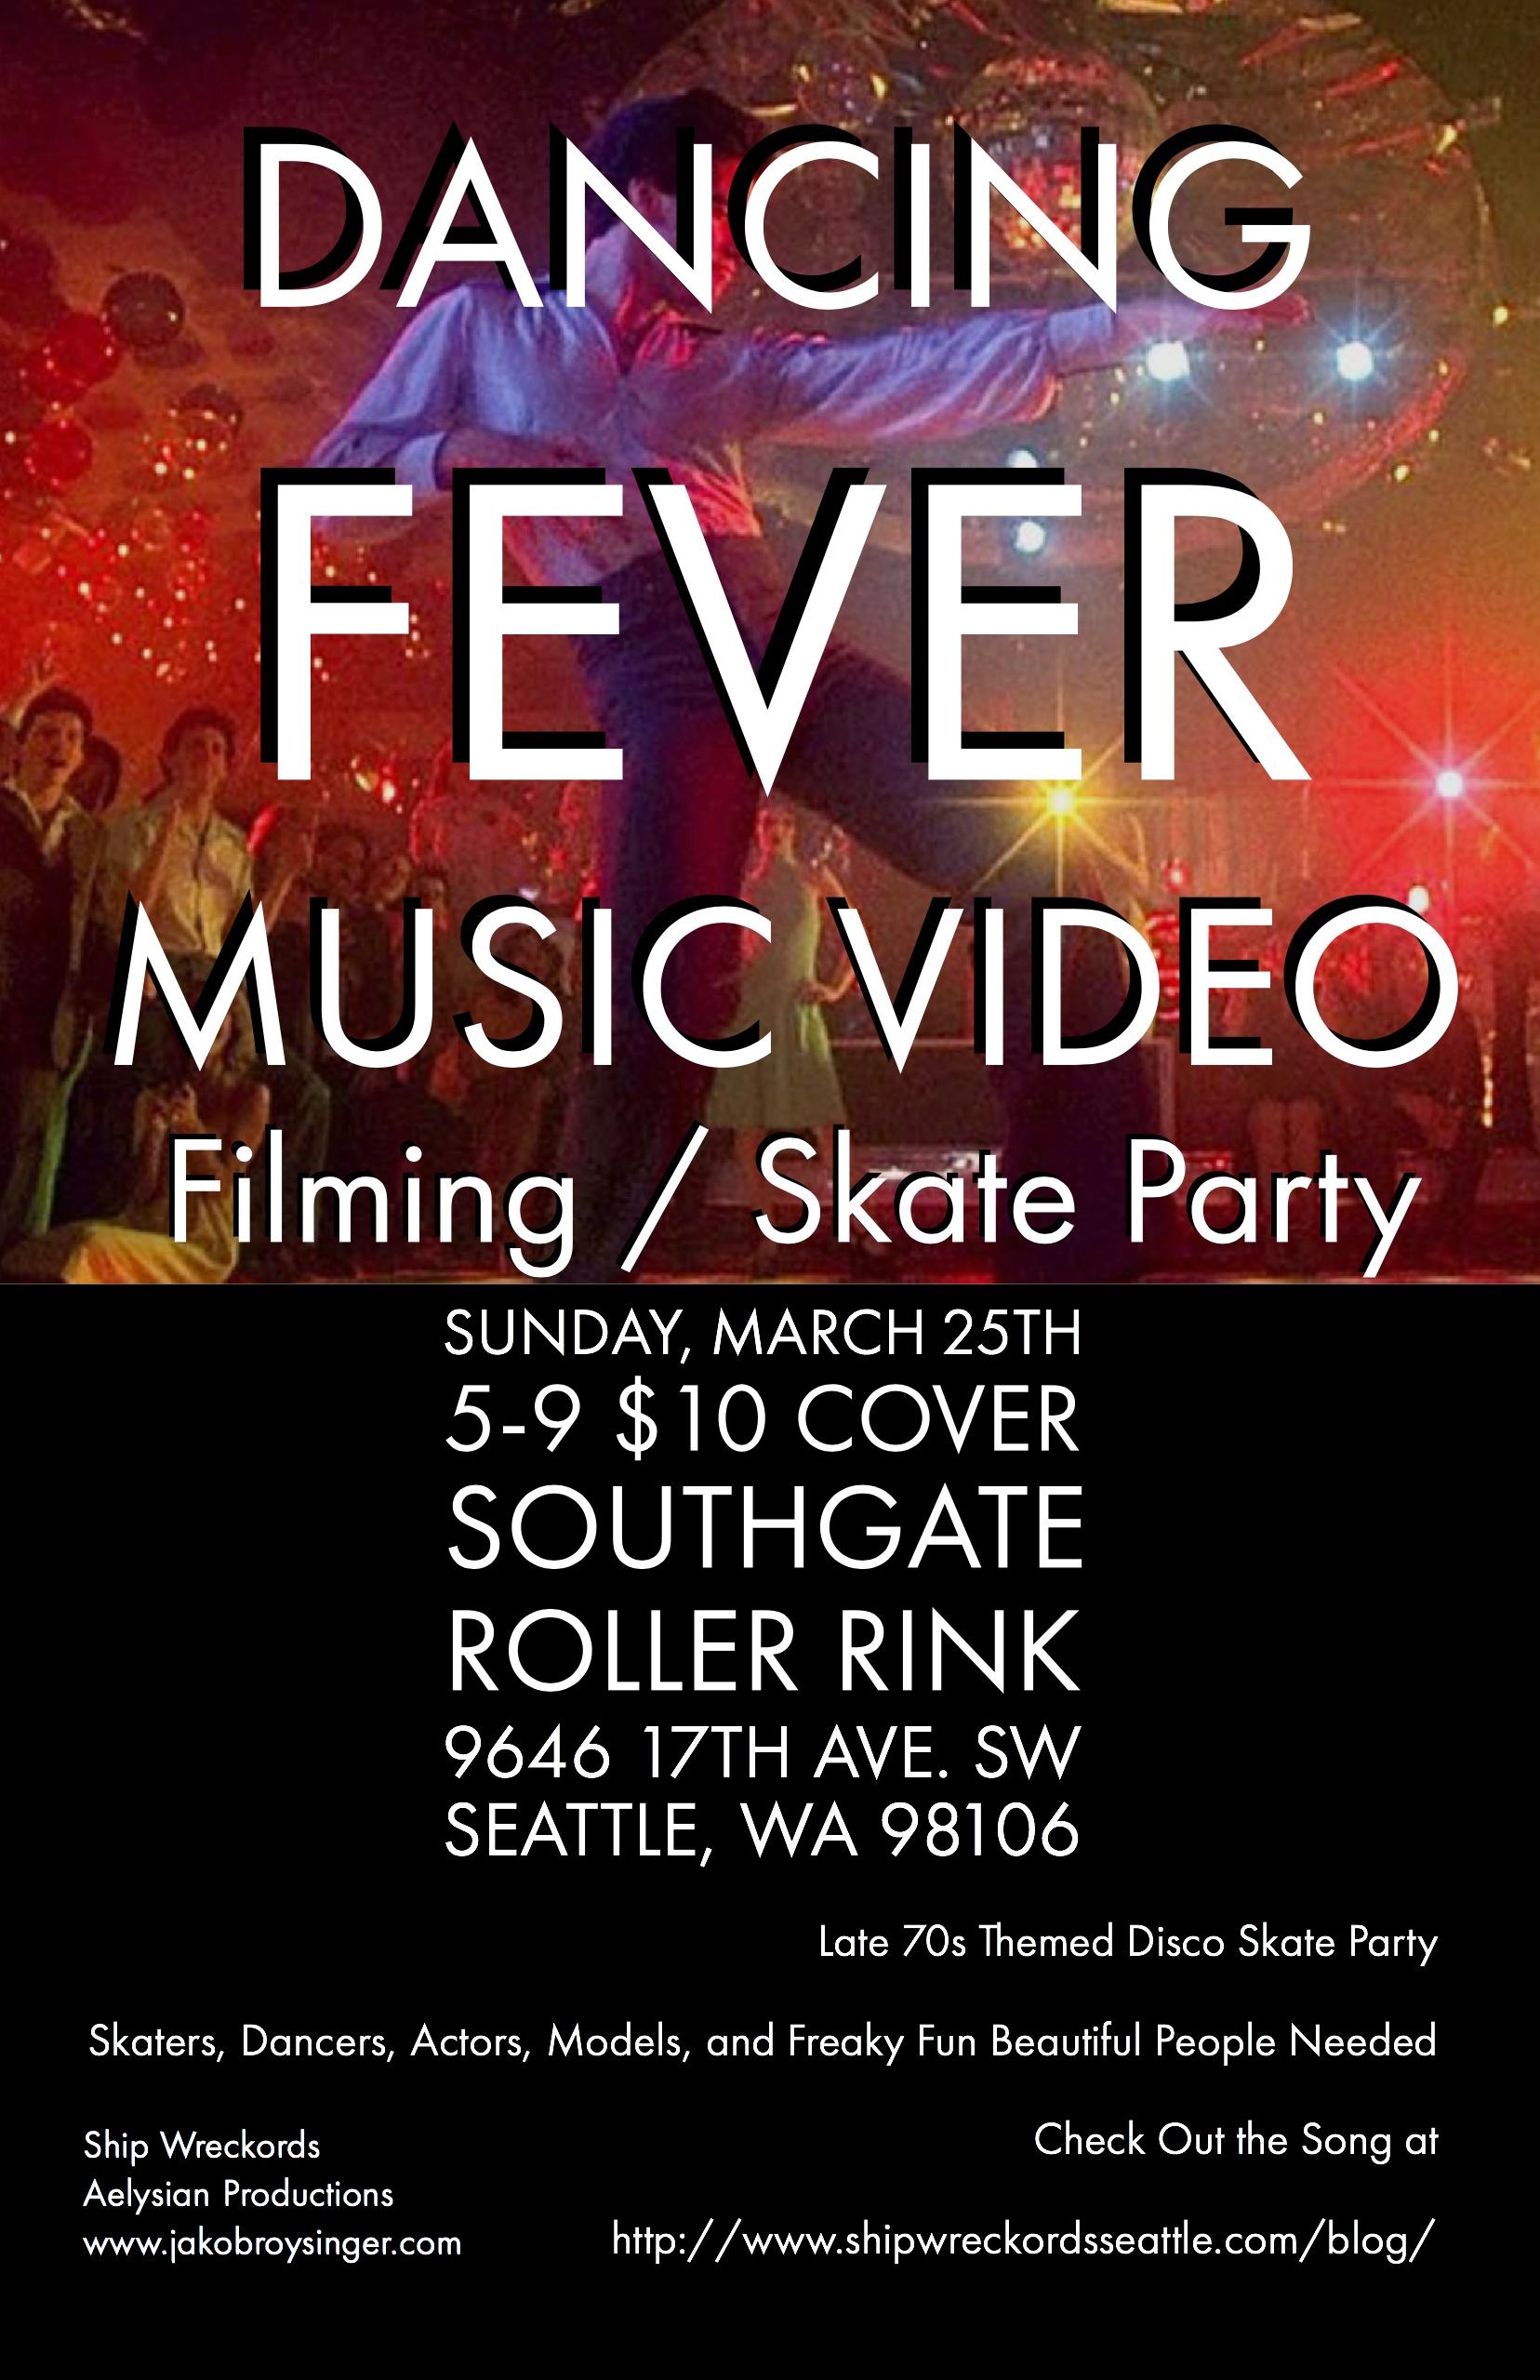 Dancing Fever Poster Big.jpg